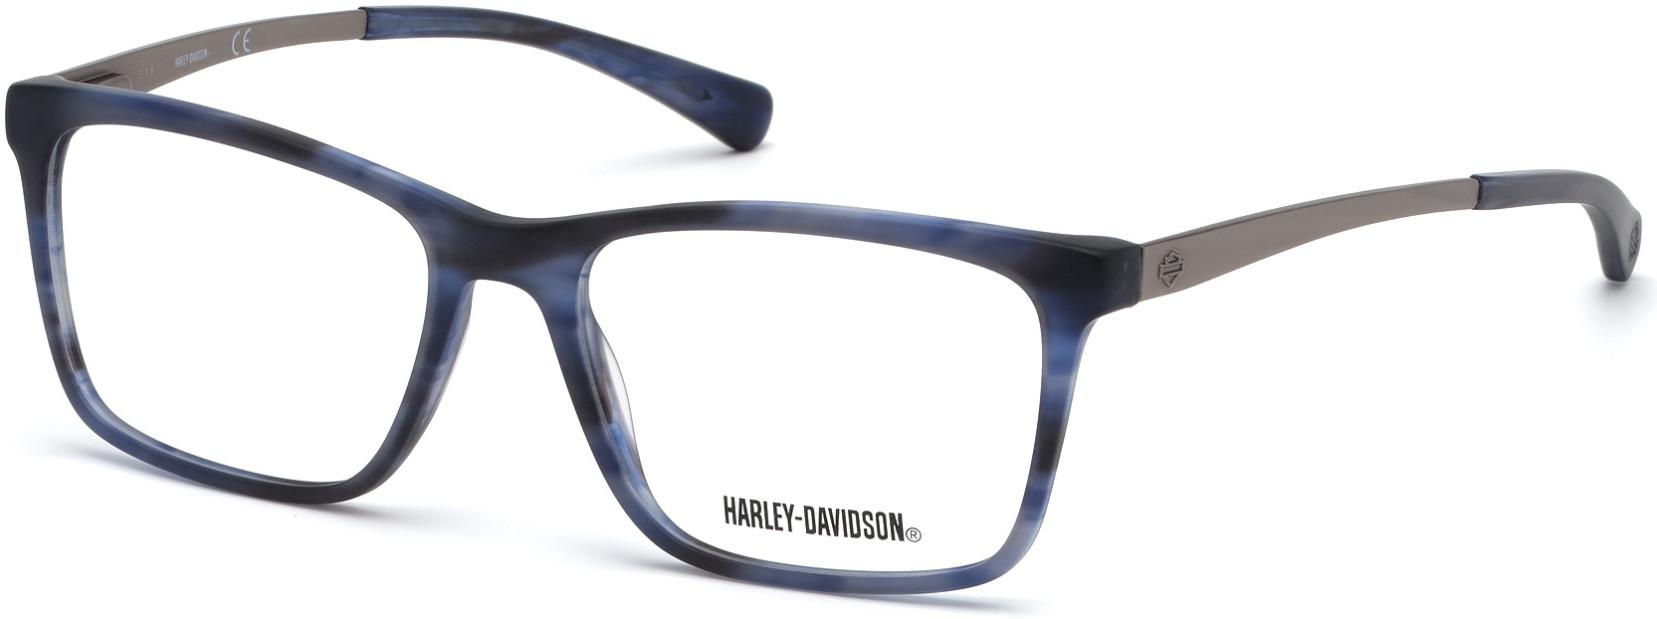 83ad45a7e7b Harley Davidson Eyewear HD0779 Eyeglass Frames